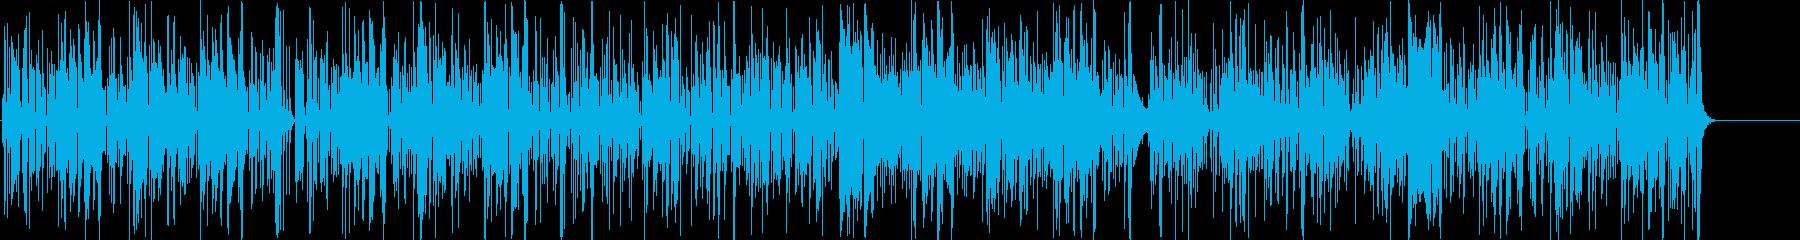 ファンク アメリカ 情報 流行 軽快の再生済みの波形